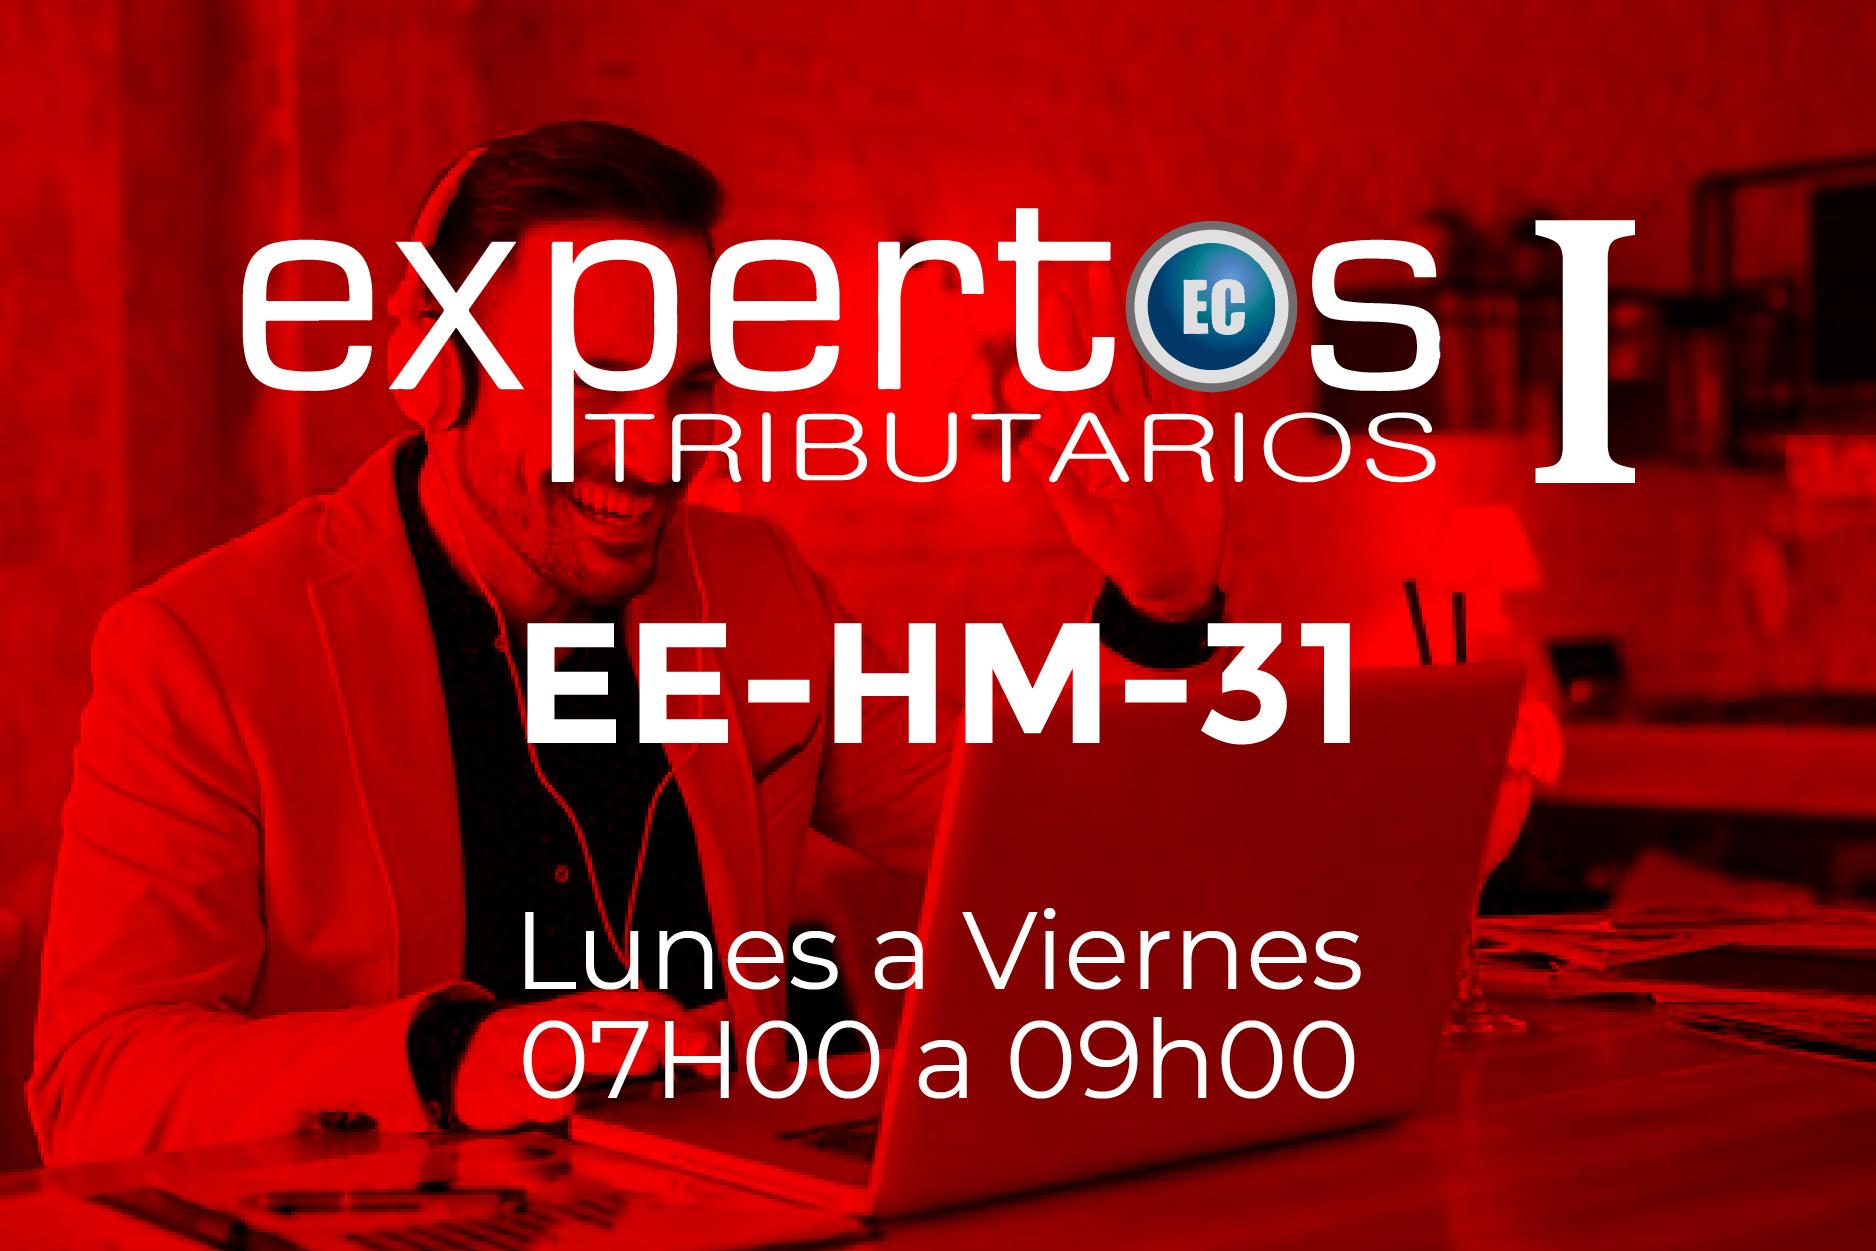 31 - EXPERTOS TRIBUTARIOS - LUNES A VIERNES - 07:00 A 09:00